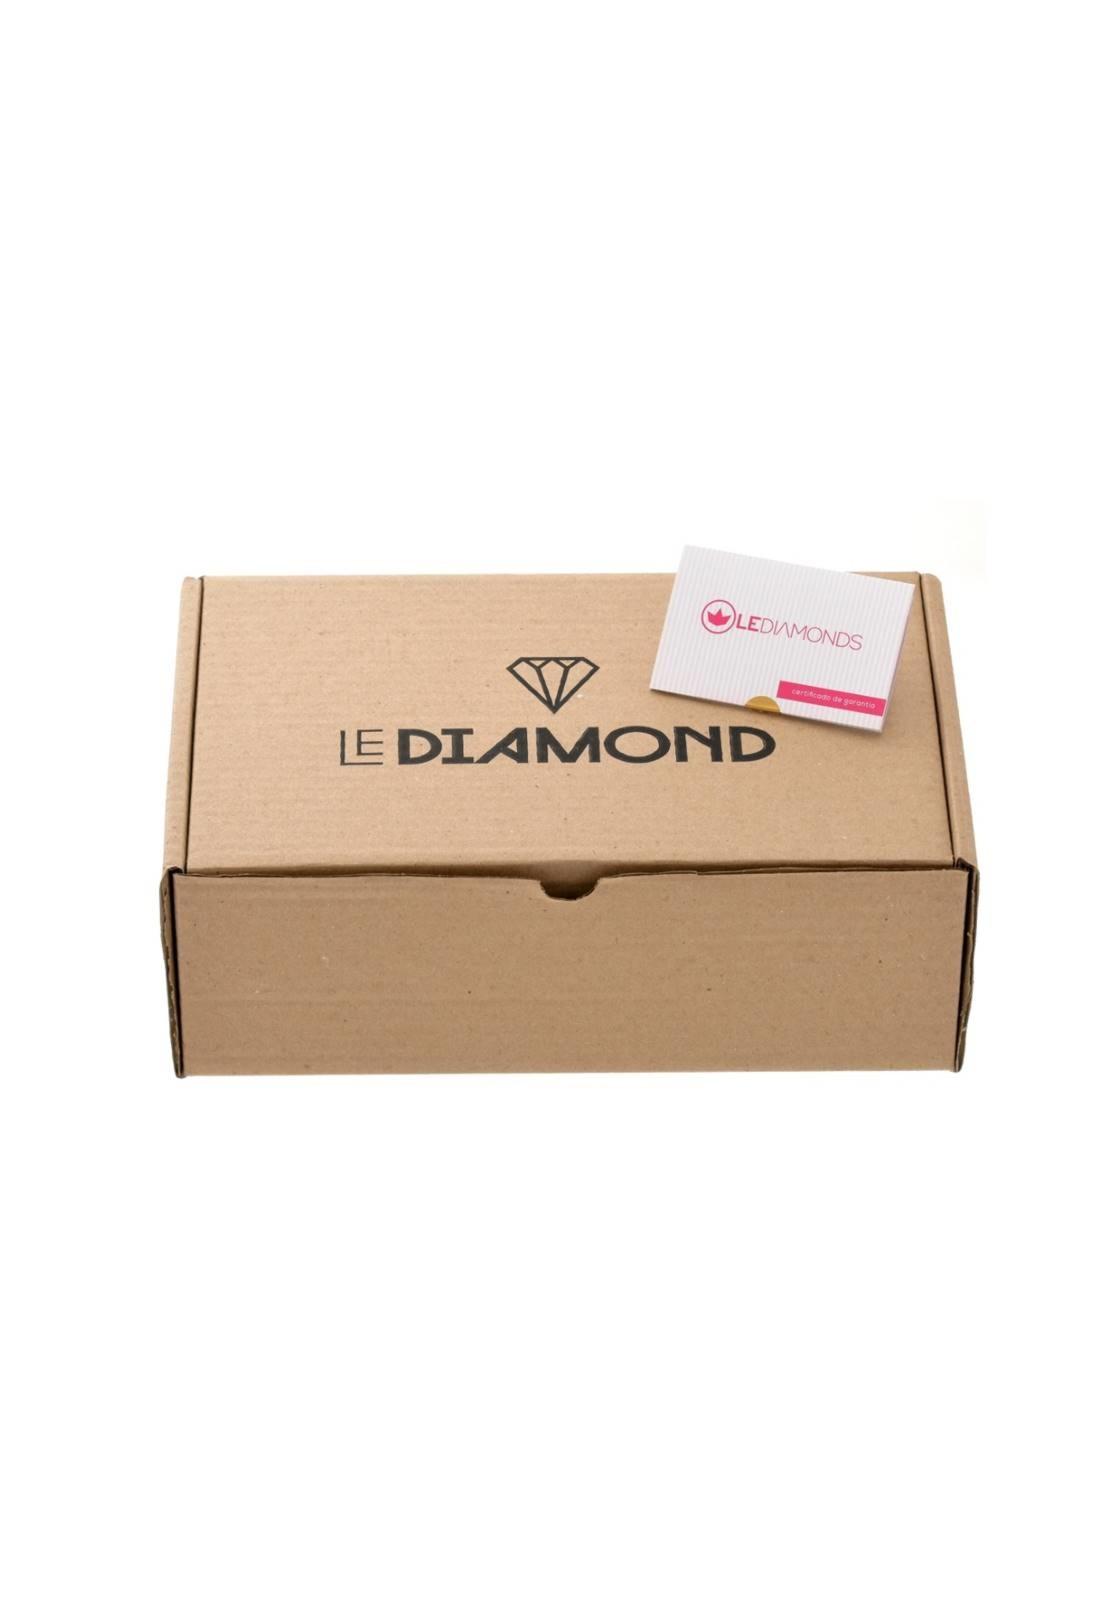 Brinco Le Diamond Janina Longo Marrom e Preto